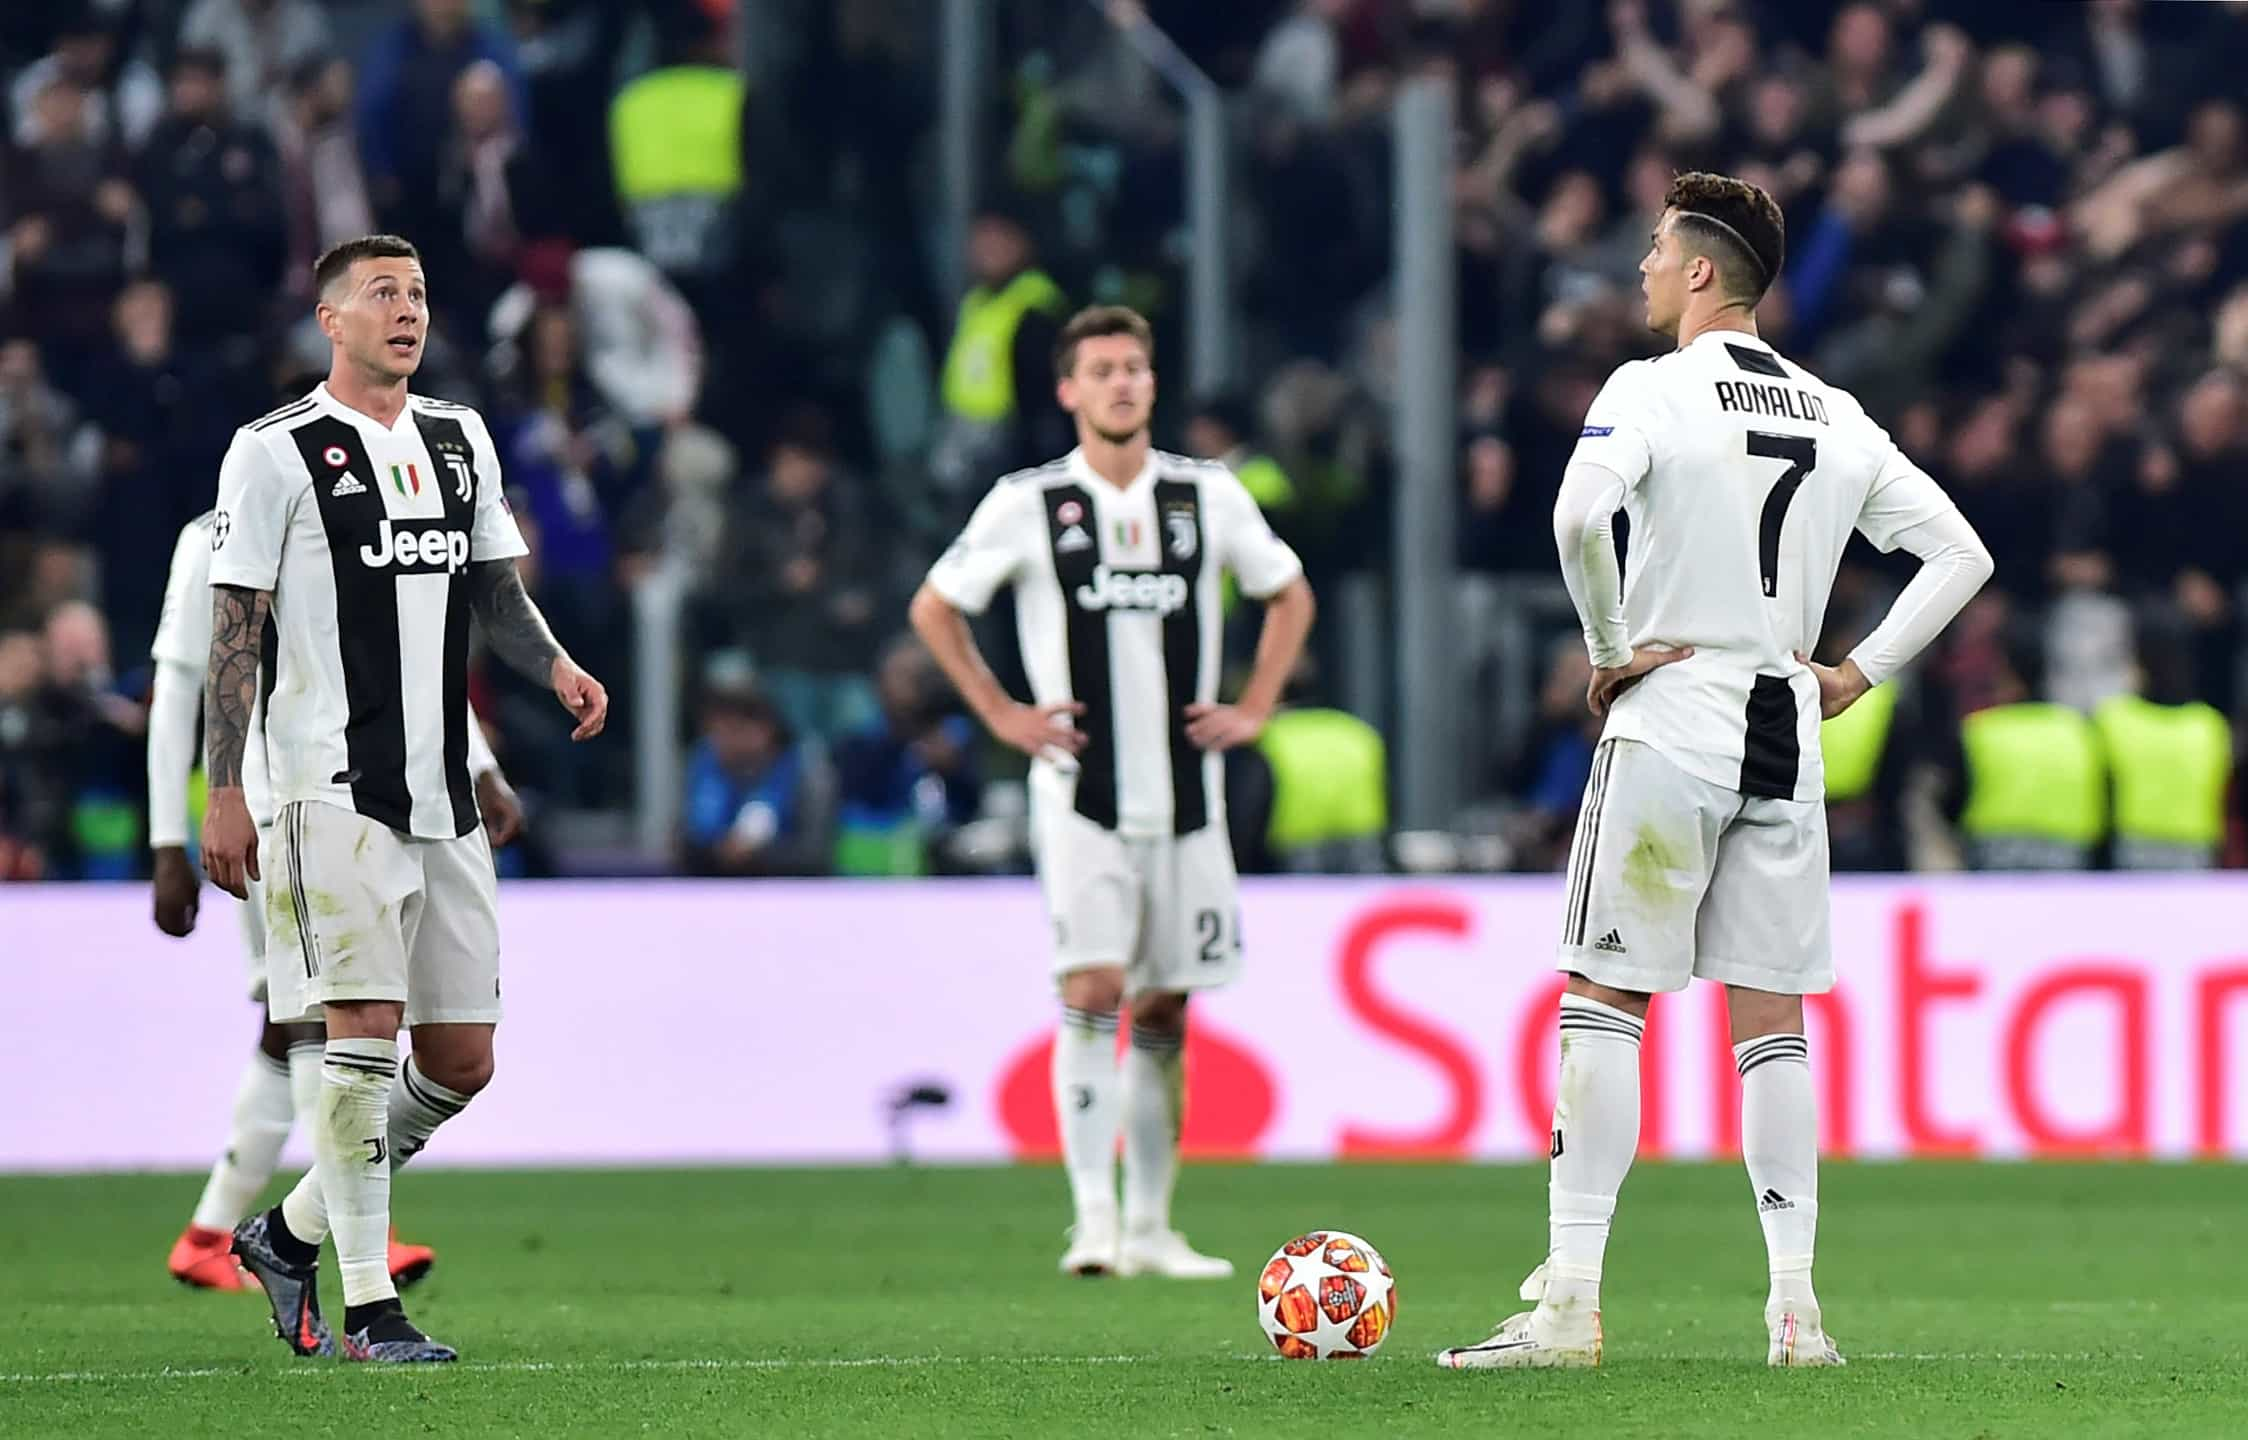 Ajax volta a chocar a Europa do futebol. Ronaldo está fora da Champions